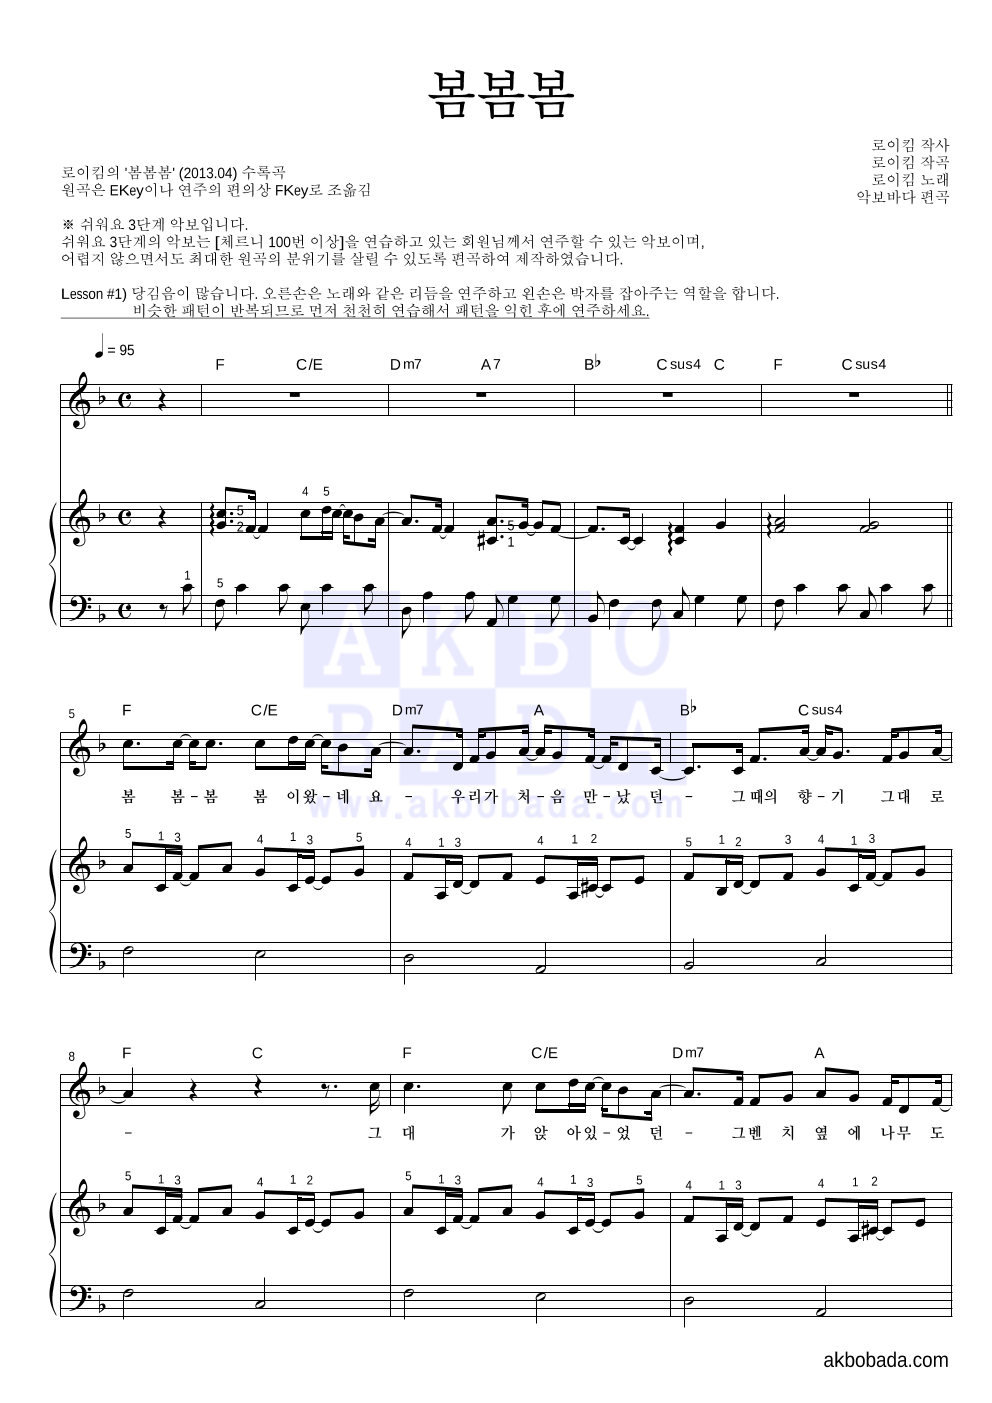 로이킴 - 봄봄봄 피아노3단-쉬워요 악보